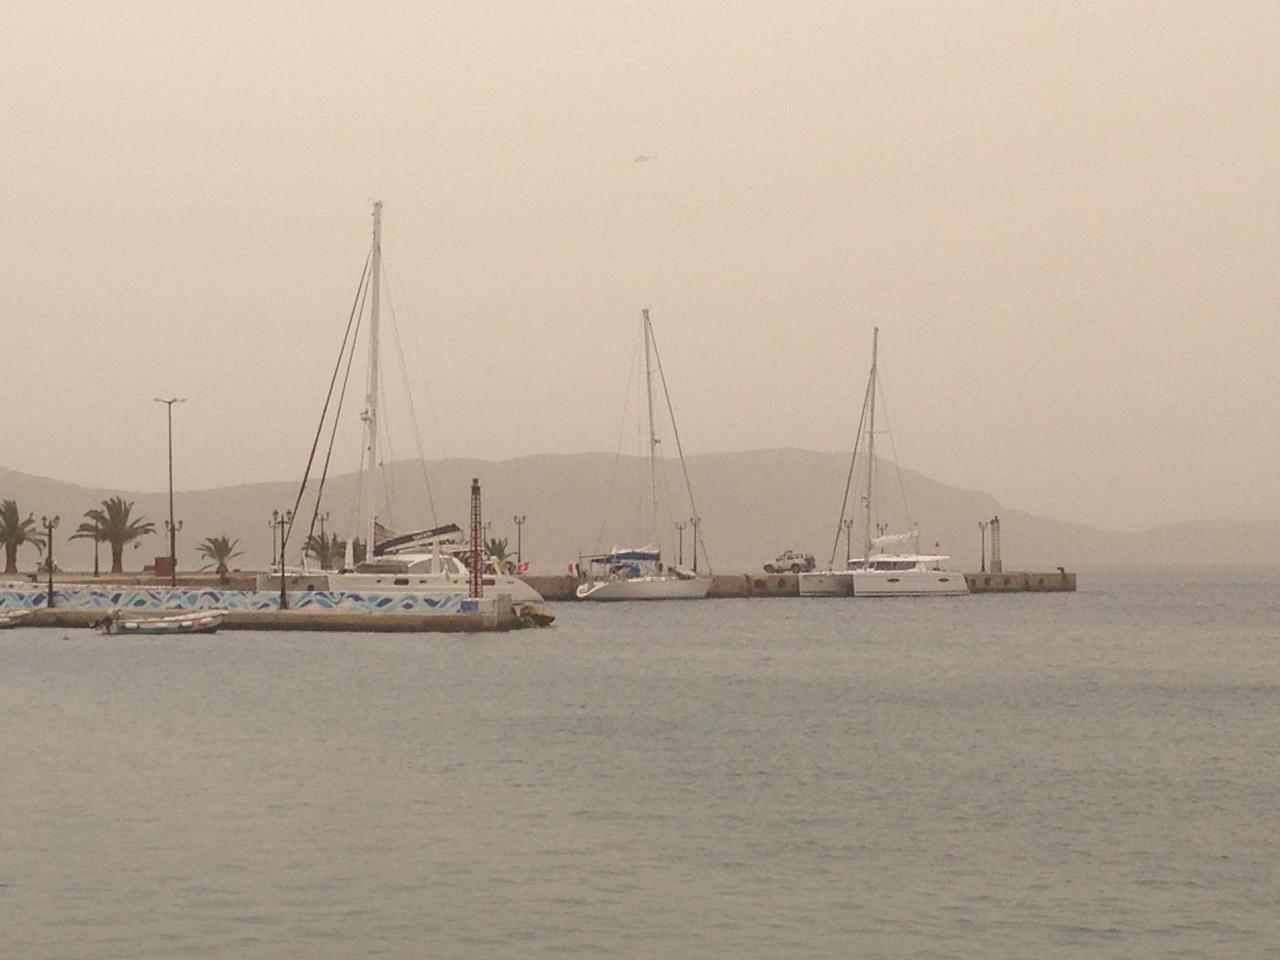 nuage de sable sur PYLOS (le souffle de KADAFI)